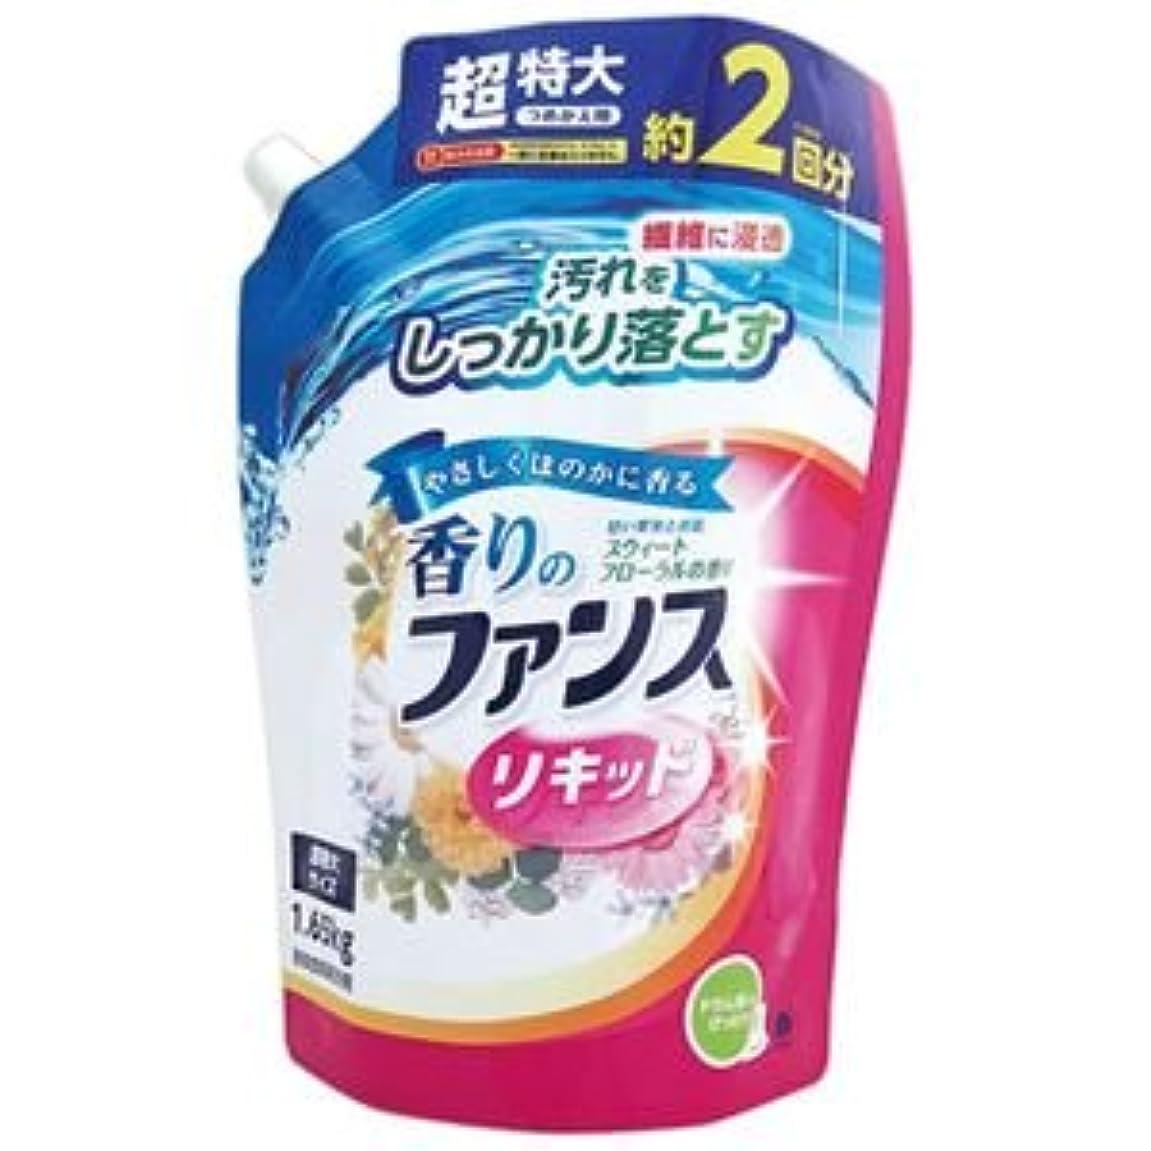 ブラウズ機知に富んだシティ(まとめ) 第一石鹸 香りのファンス 液体衣料用洗剤リキッド 詰替用 1.65kg 1セット(6個) 【×2セット】